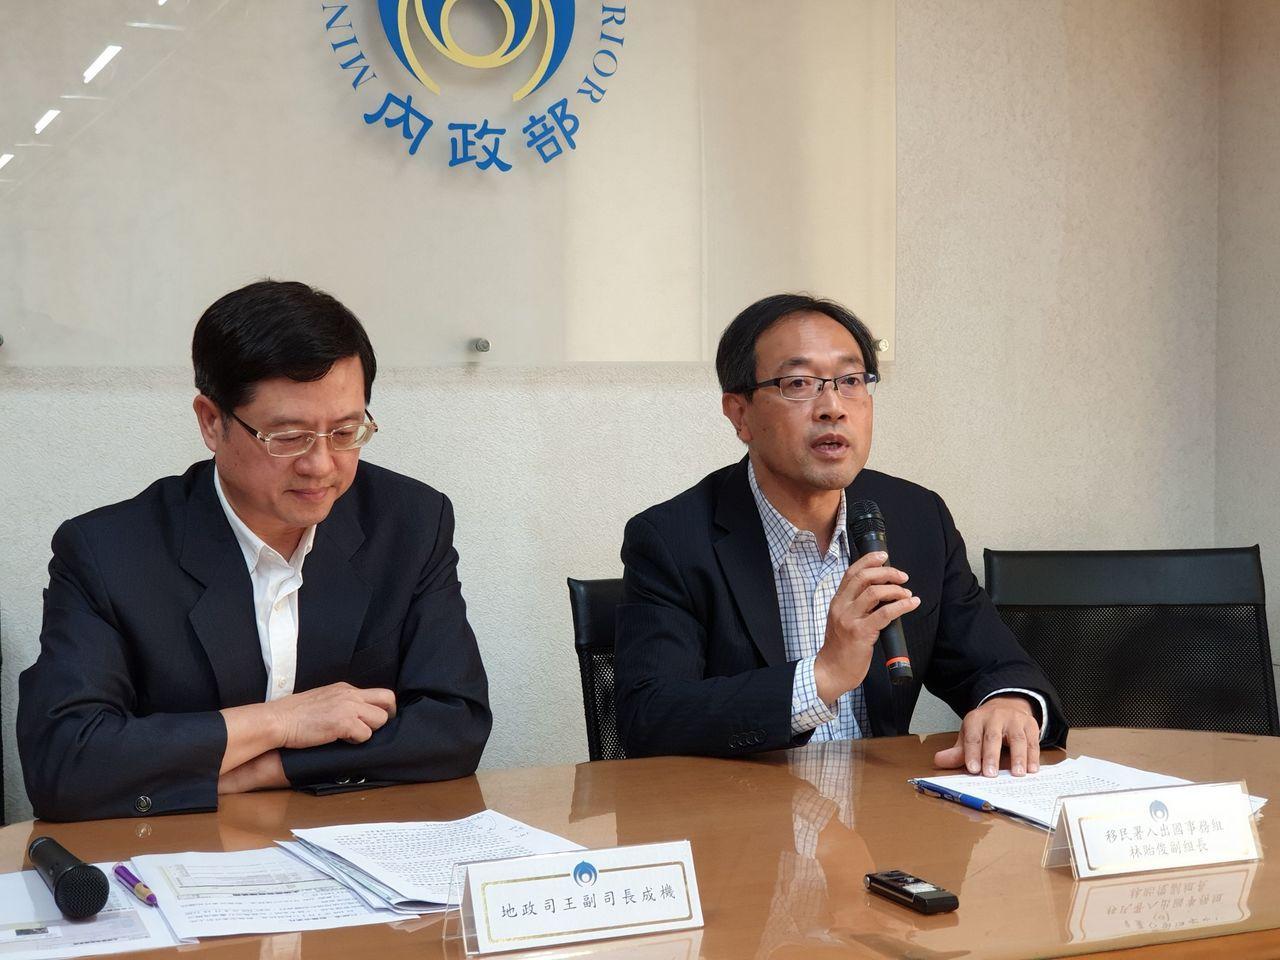 移民署入出國事務組副組長林貽俊(右)。圖/內政部提供